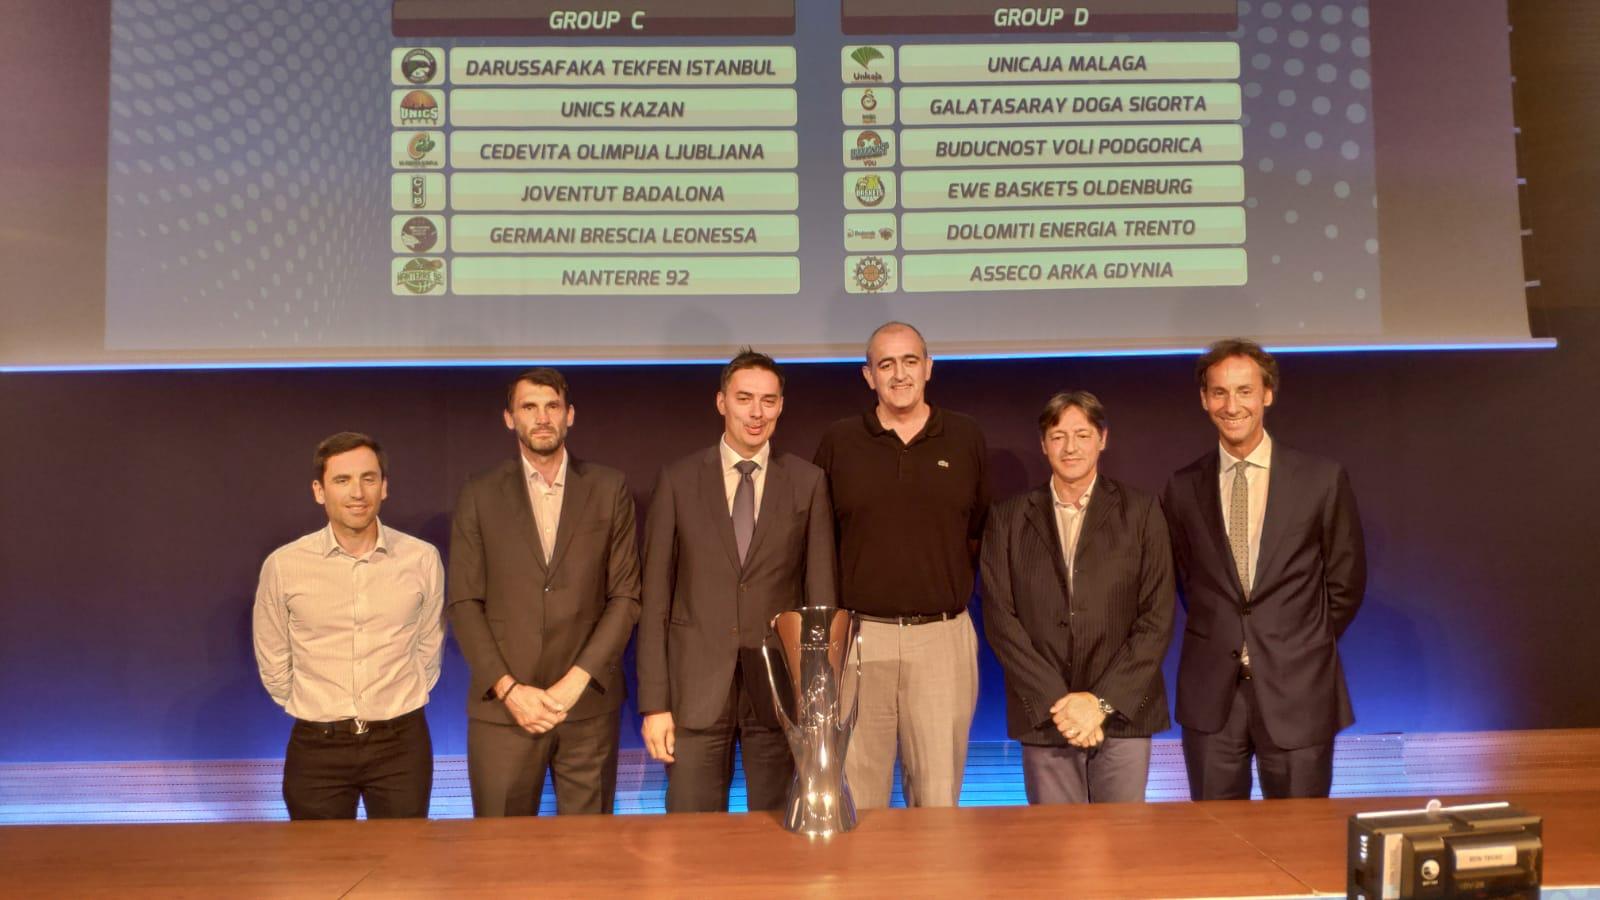 Calendario Eurocup.Calendario Y Grupo De La Eurocup